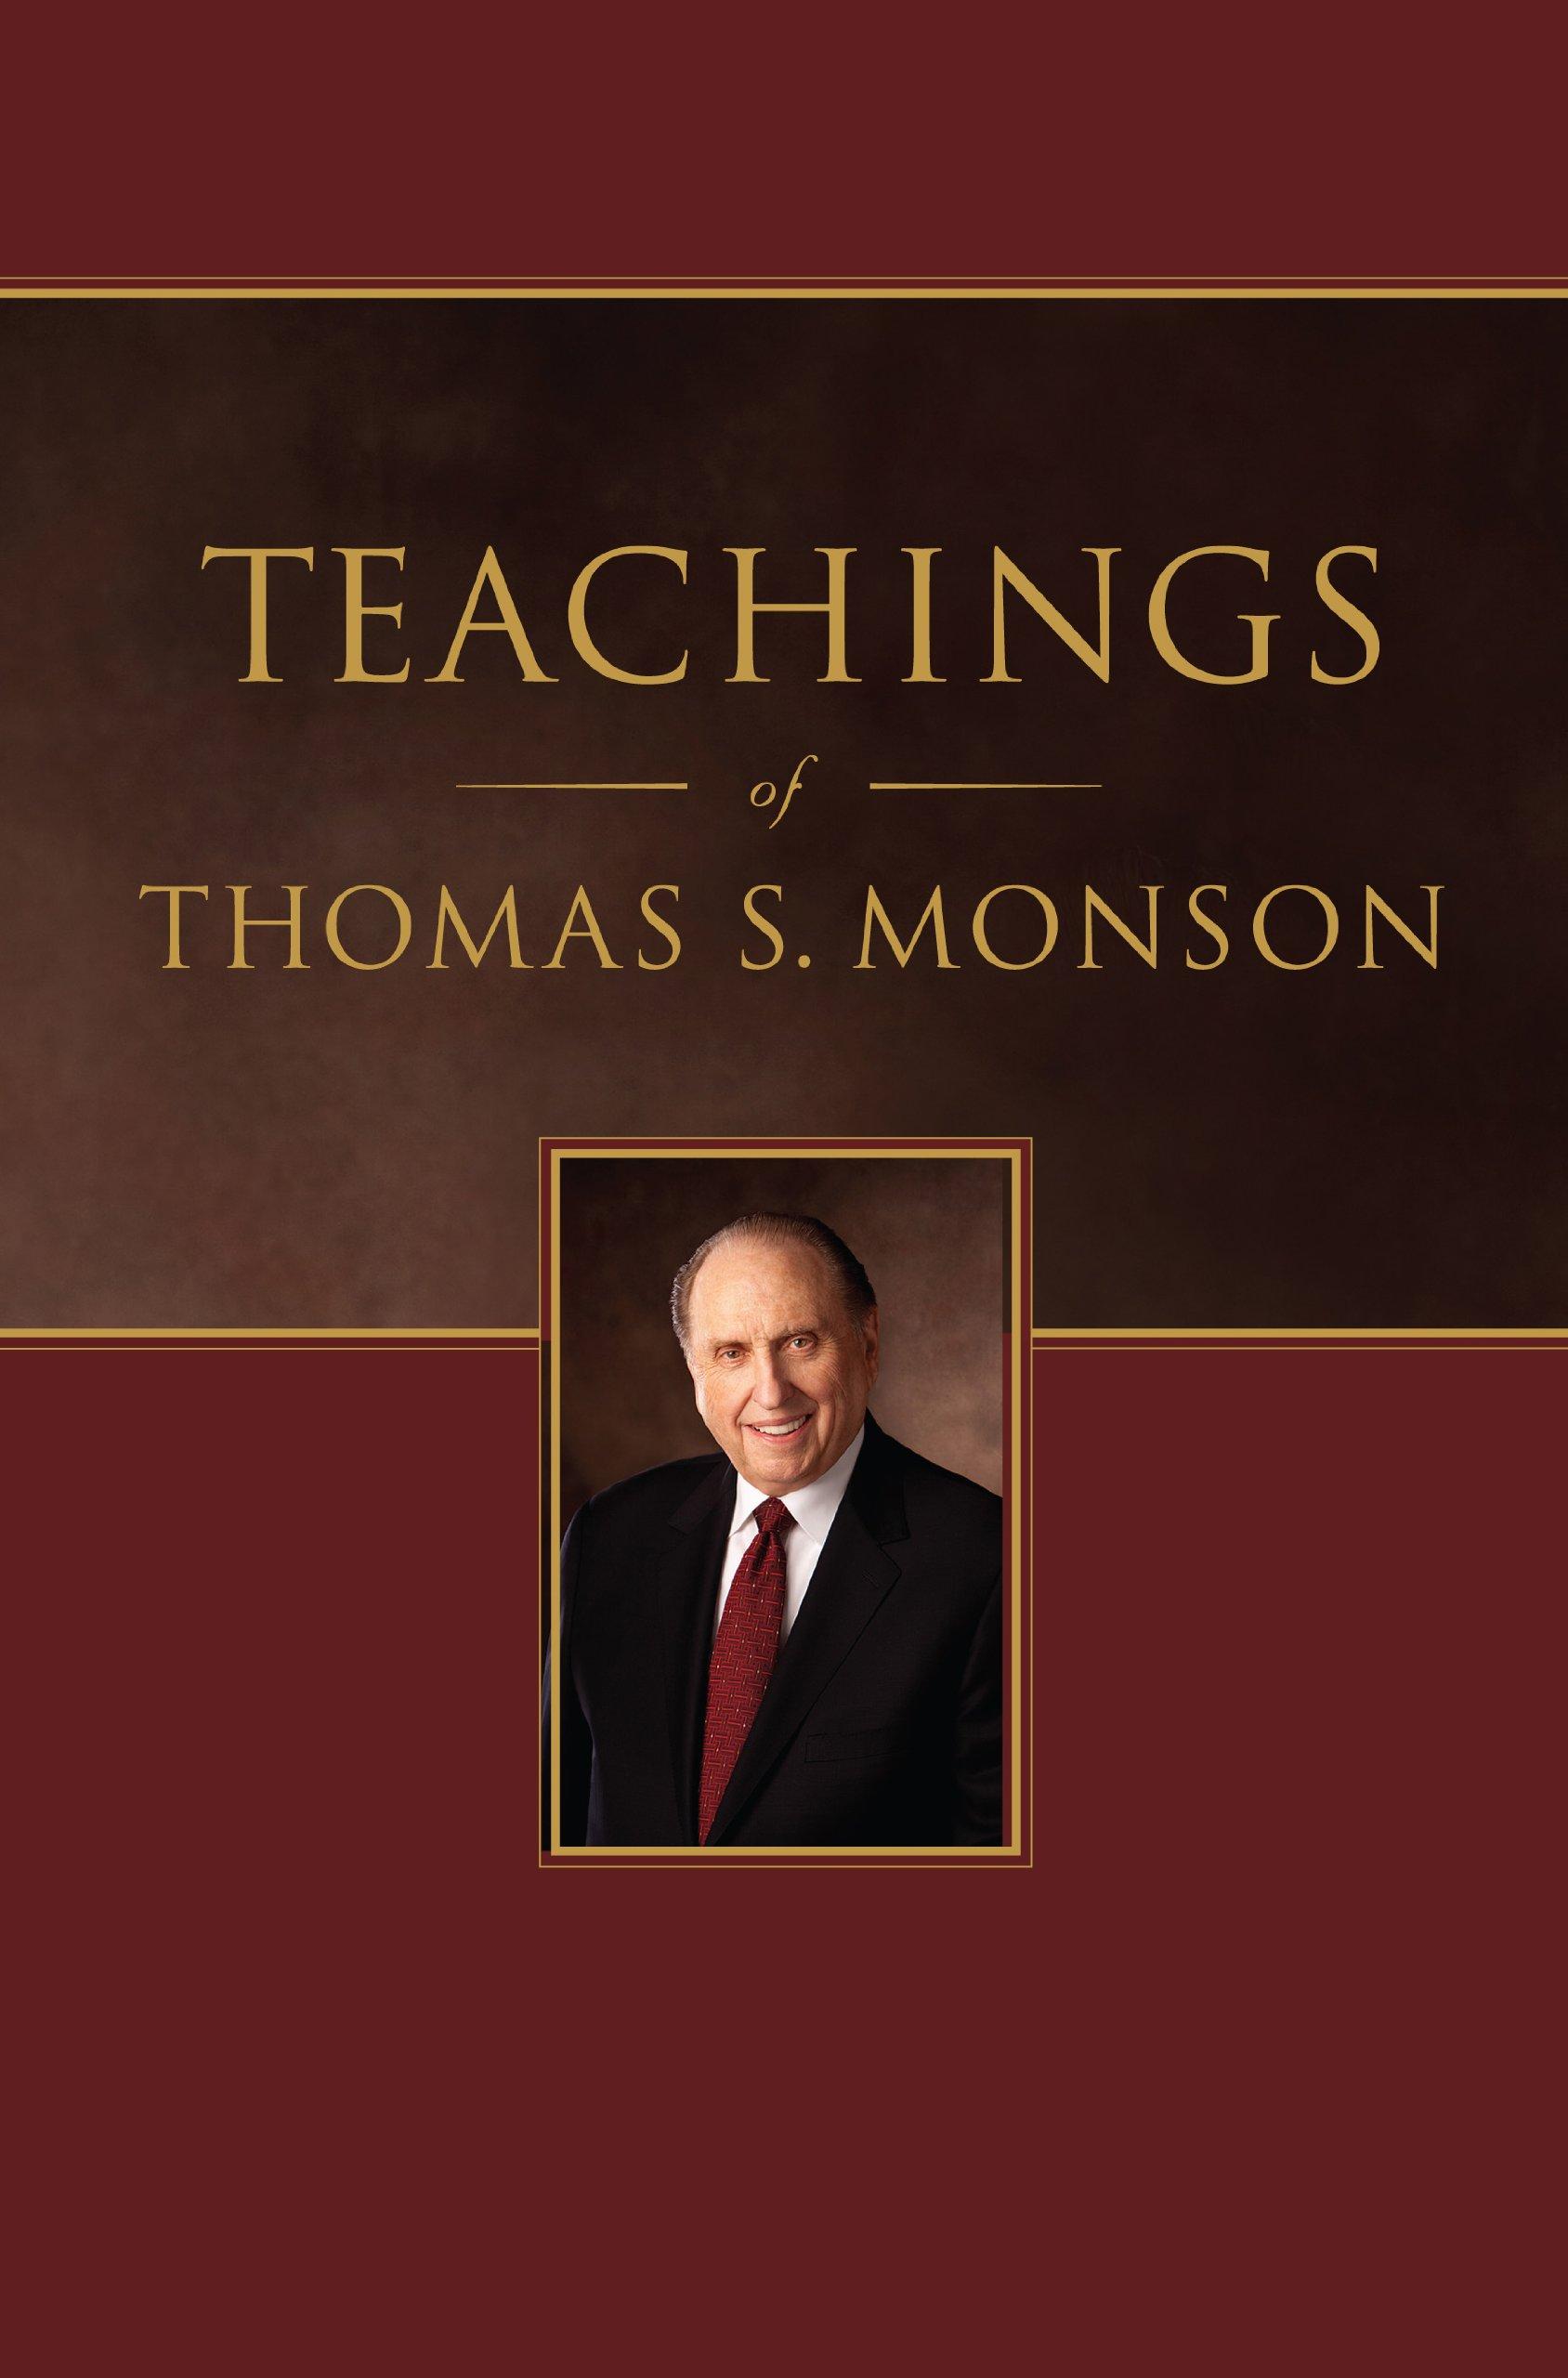 Teachings Of Thomas S Monson Thomas S Monson Lynne F